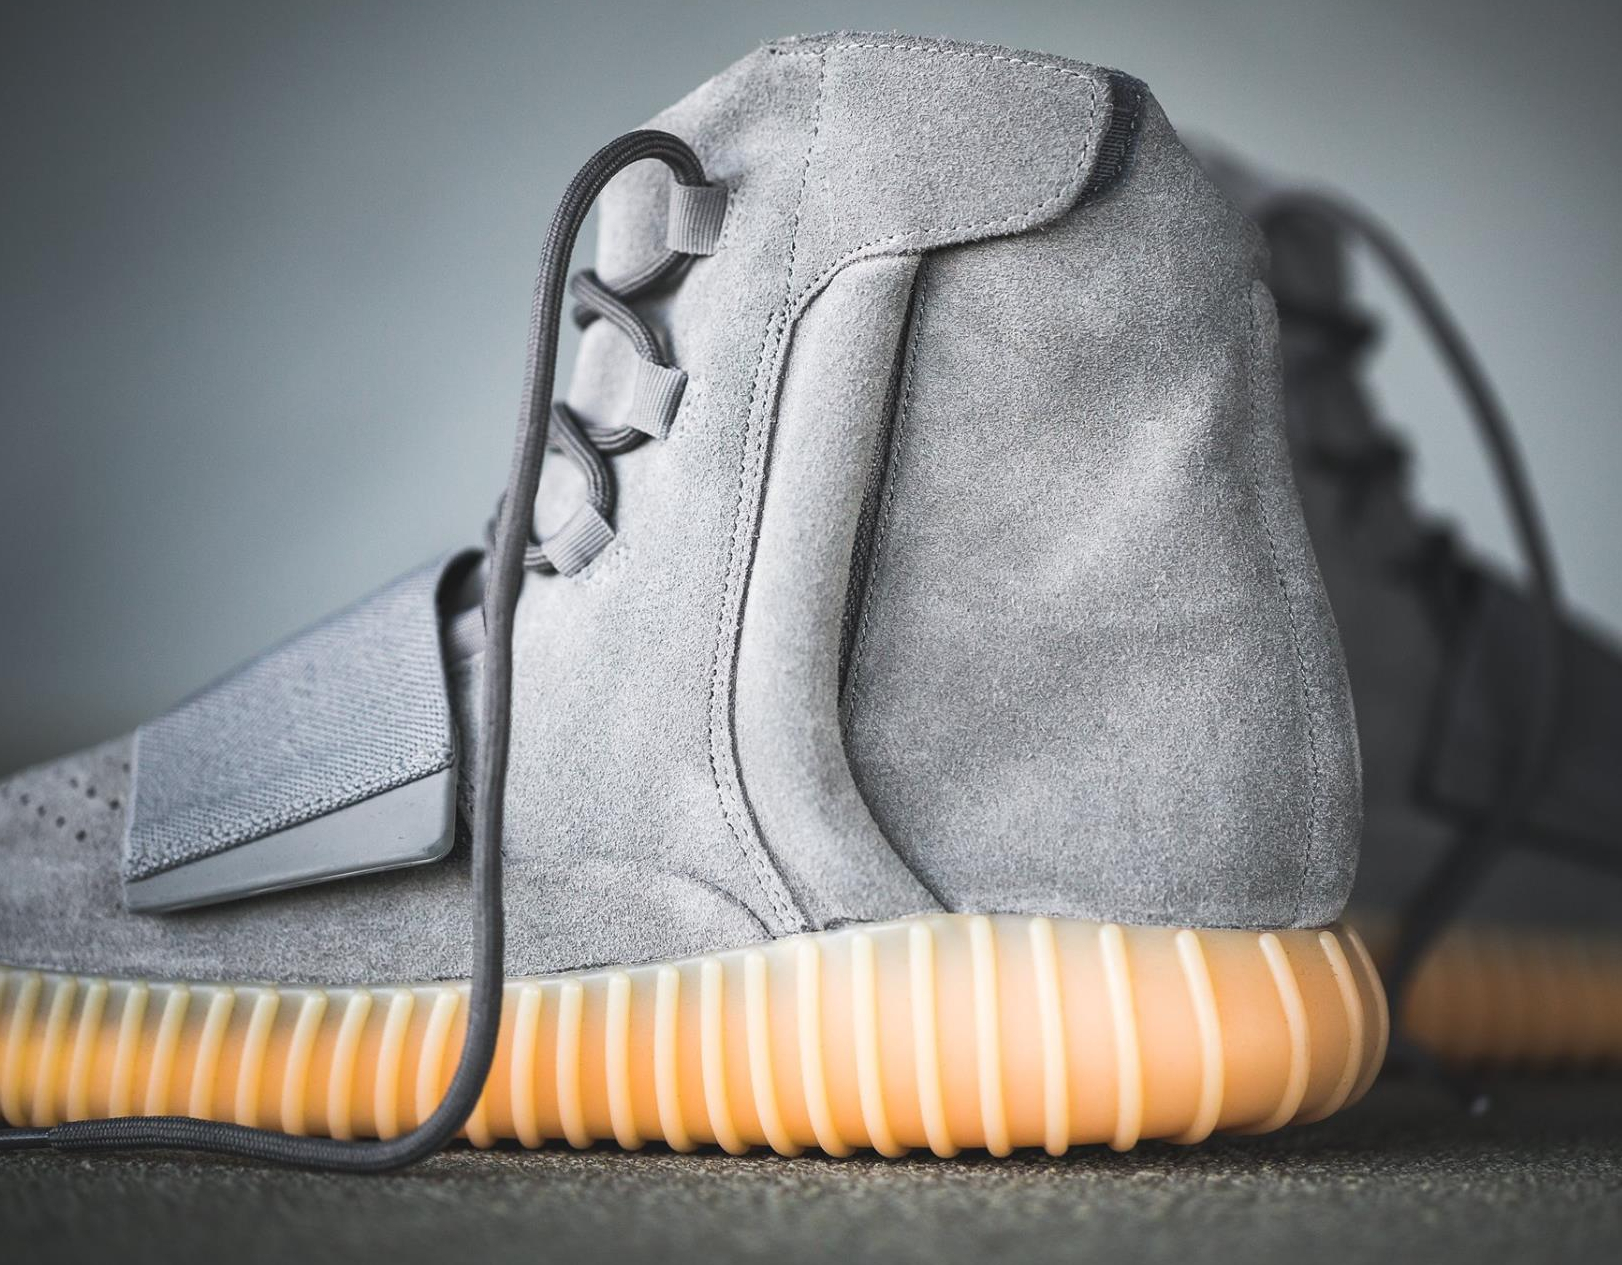 Chaussure Adidas Yeezy 750 Boost Suede 'Grey Gum' (3)